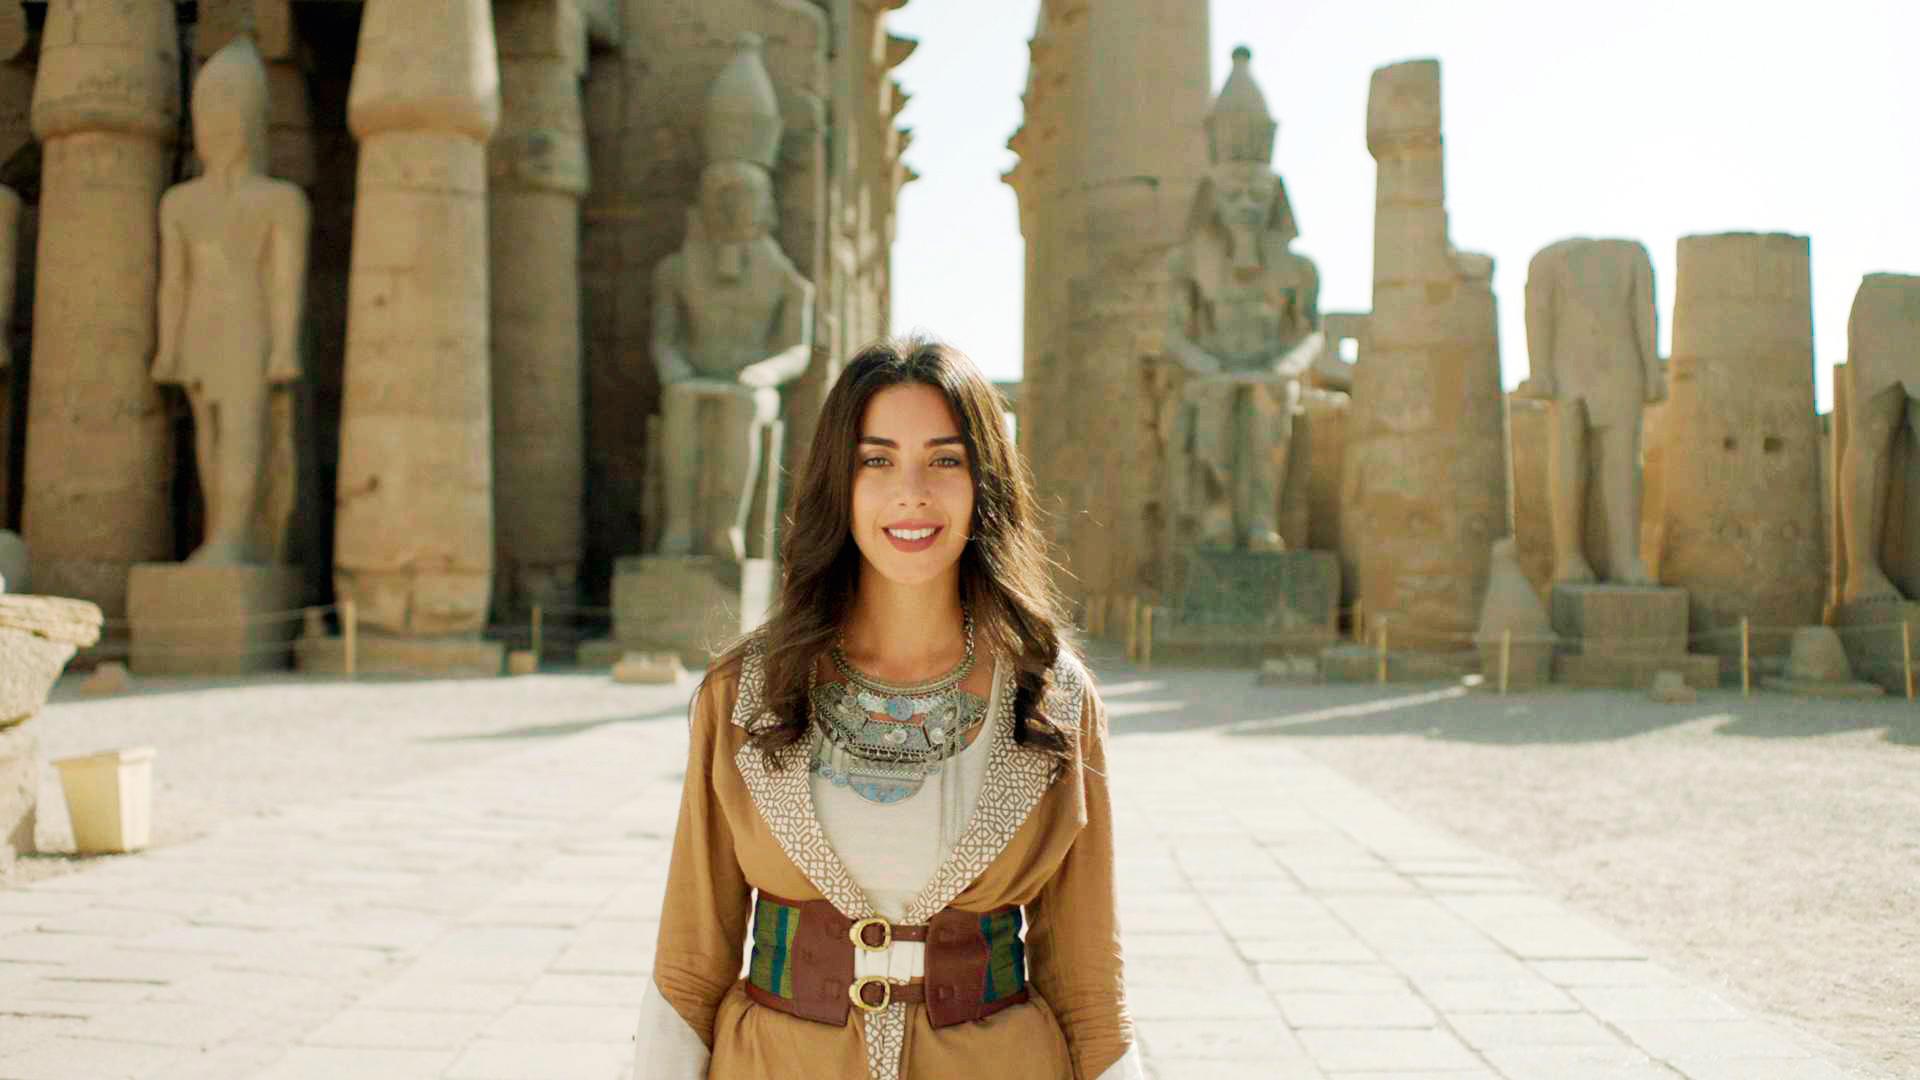 944529-Malak-El-Husseiny-Egypt-copy